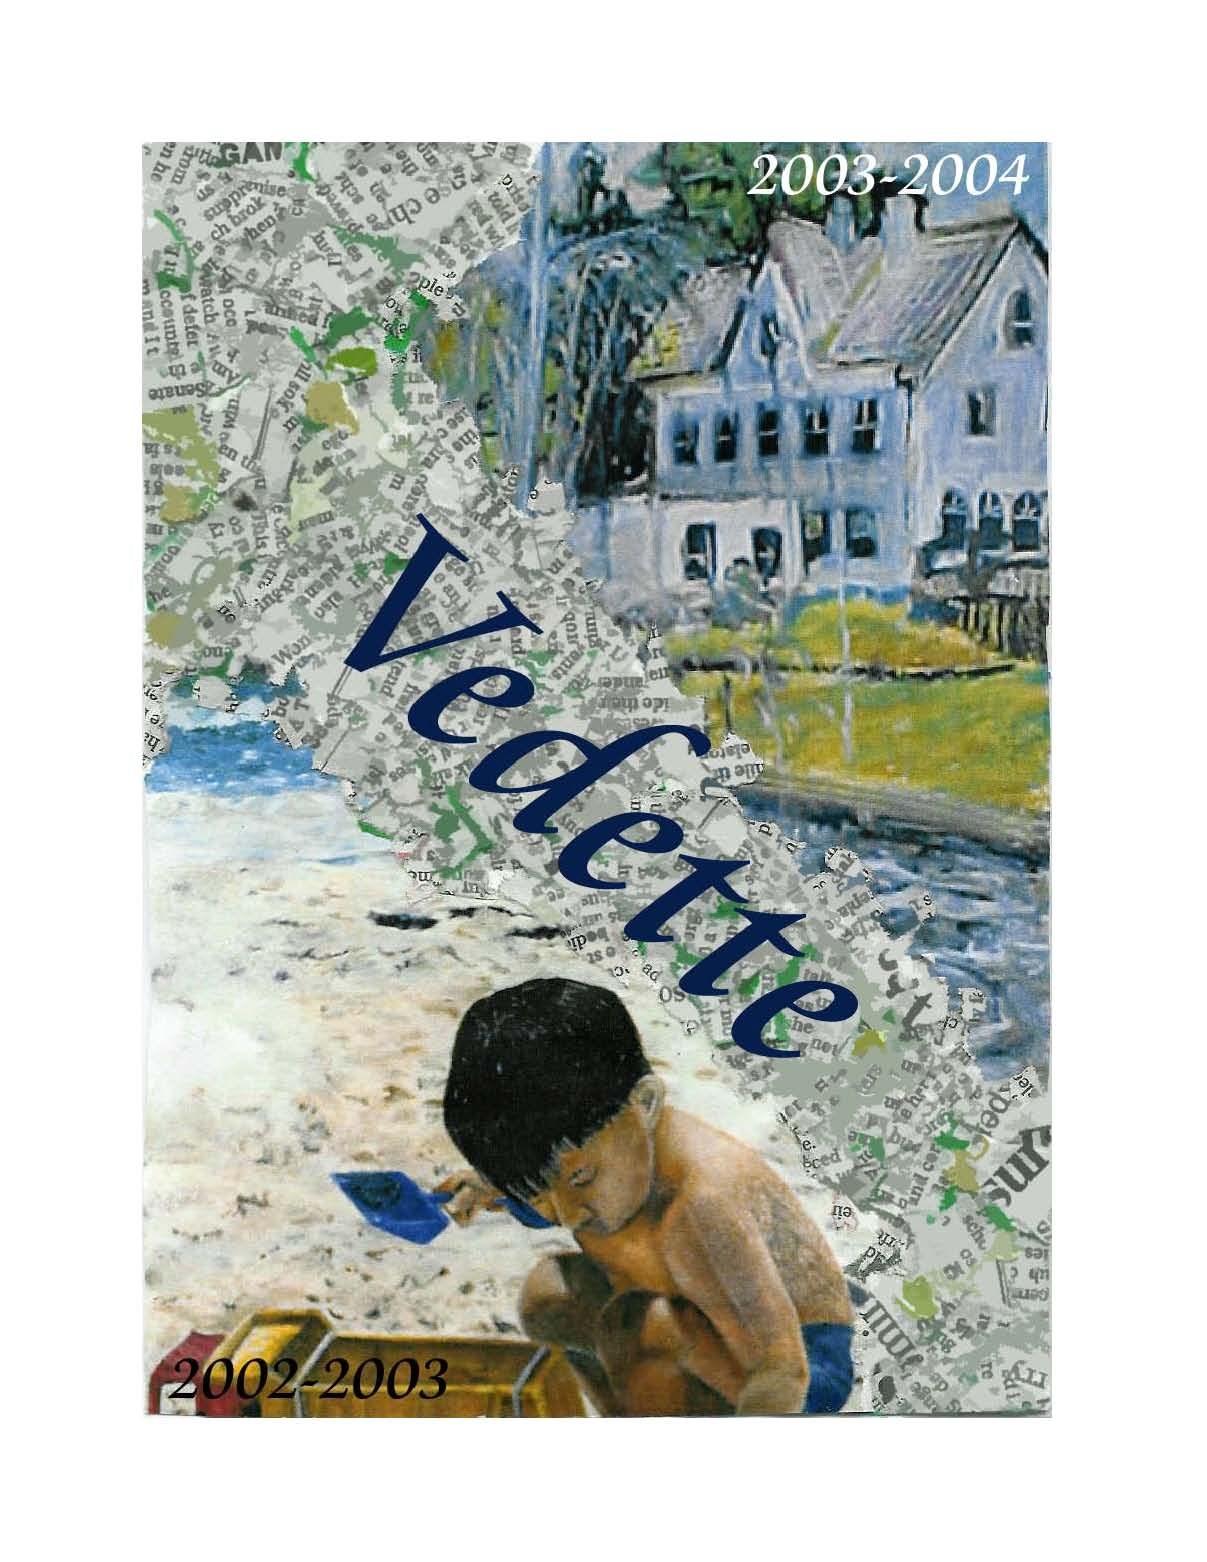 Vedette Cover 2002-2004